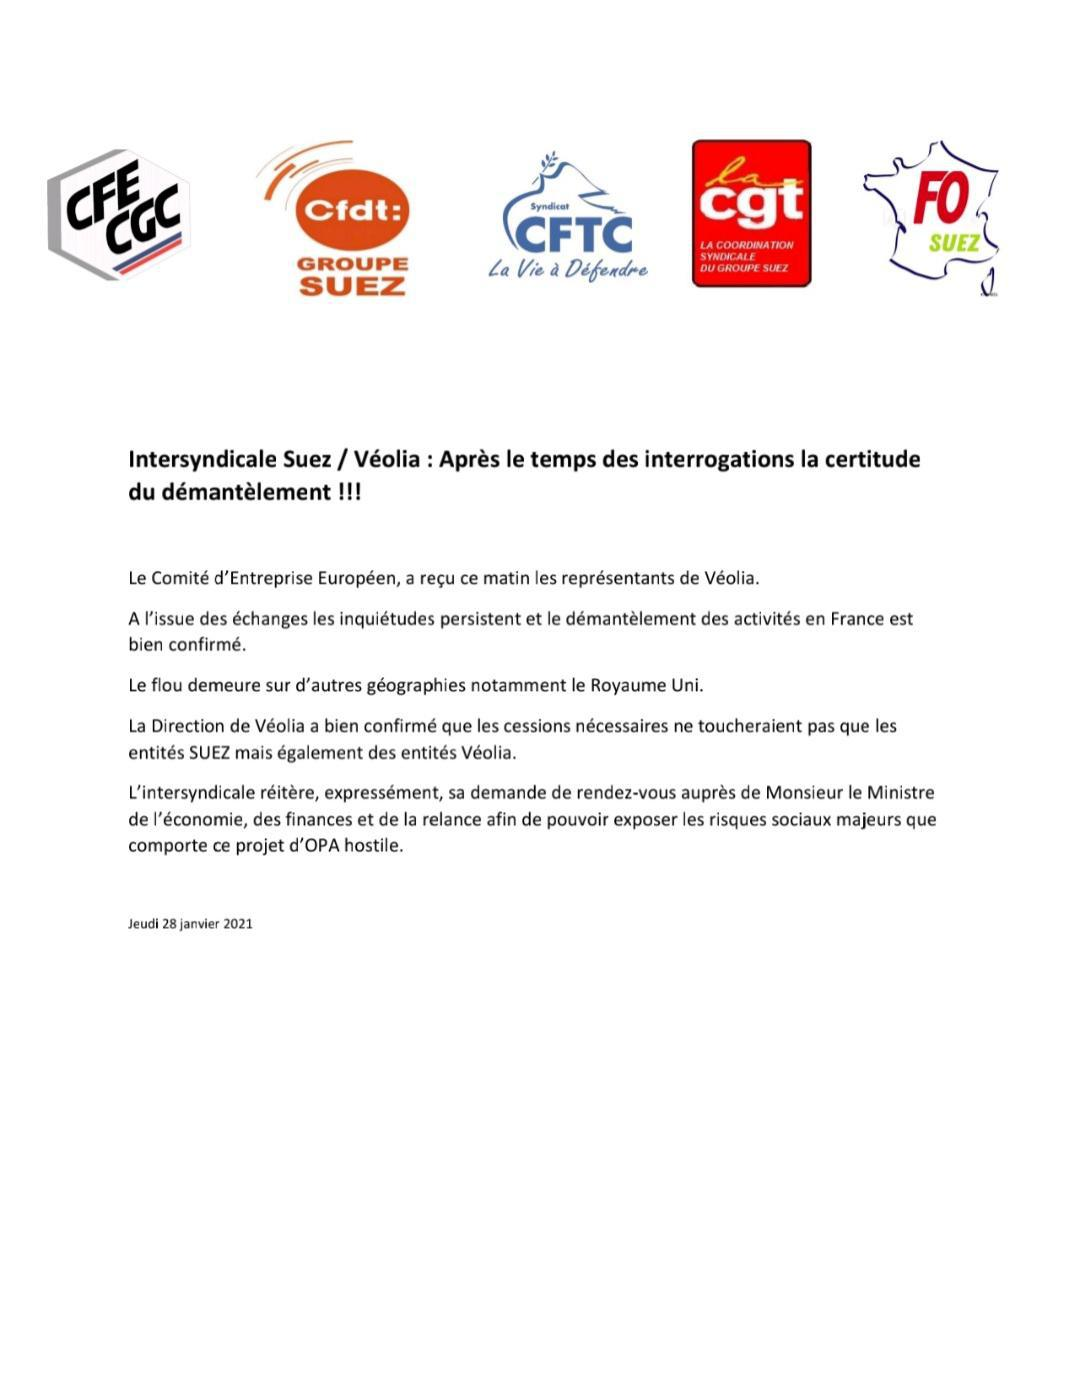 Intersyndicale Suez / Véolia : Après le temps des interrogations la certitude du démantèlement !!!